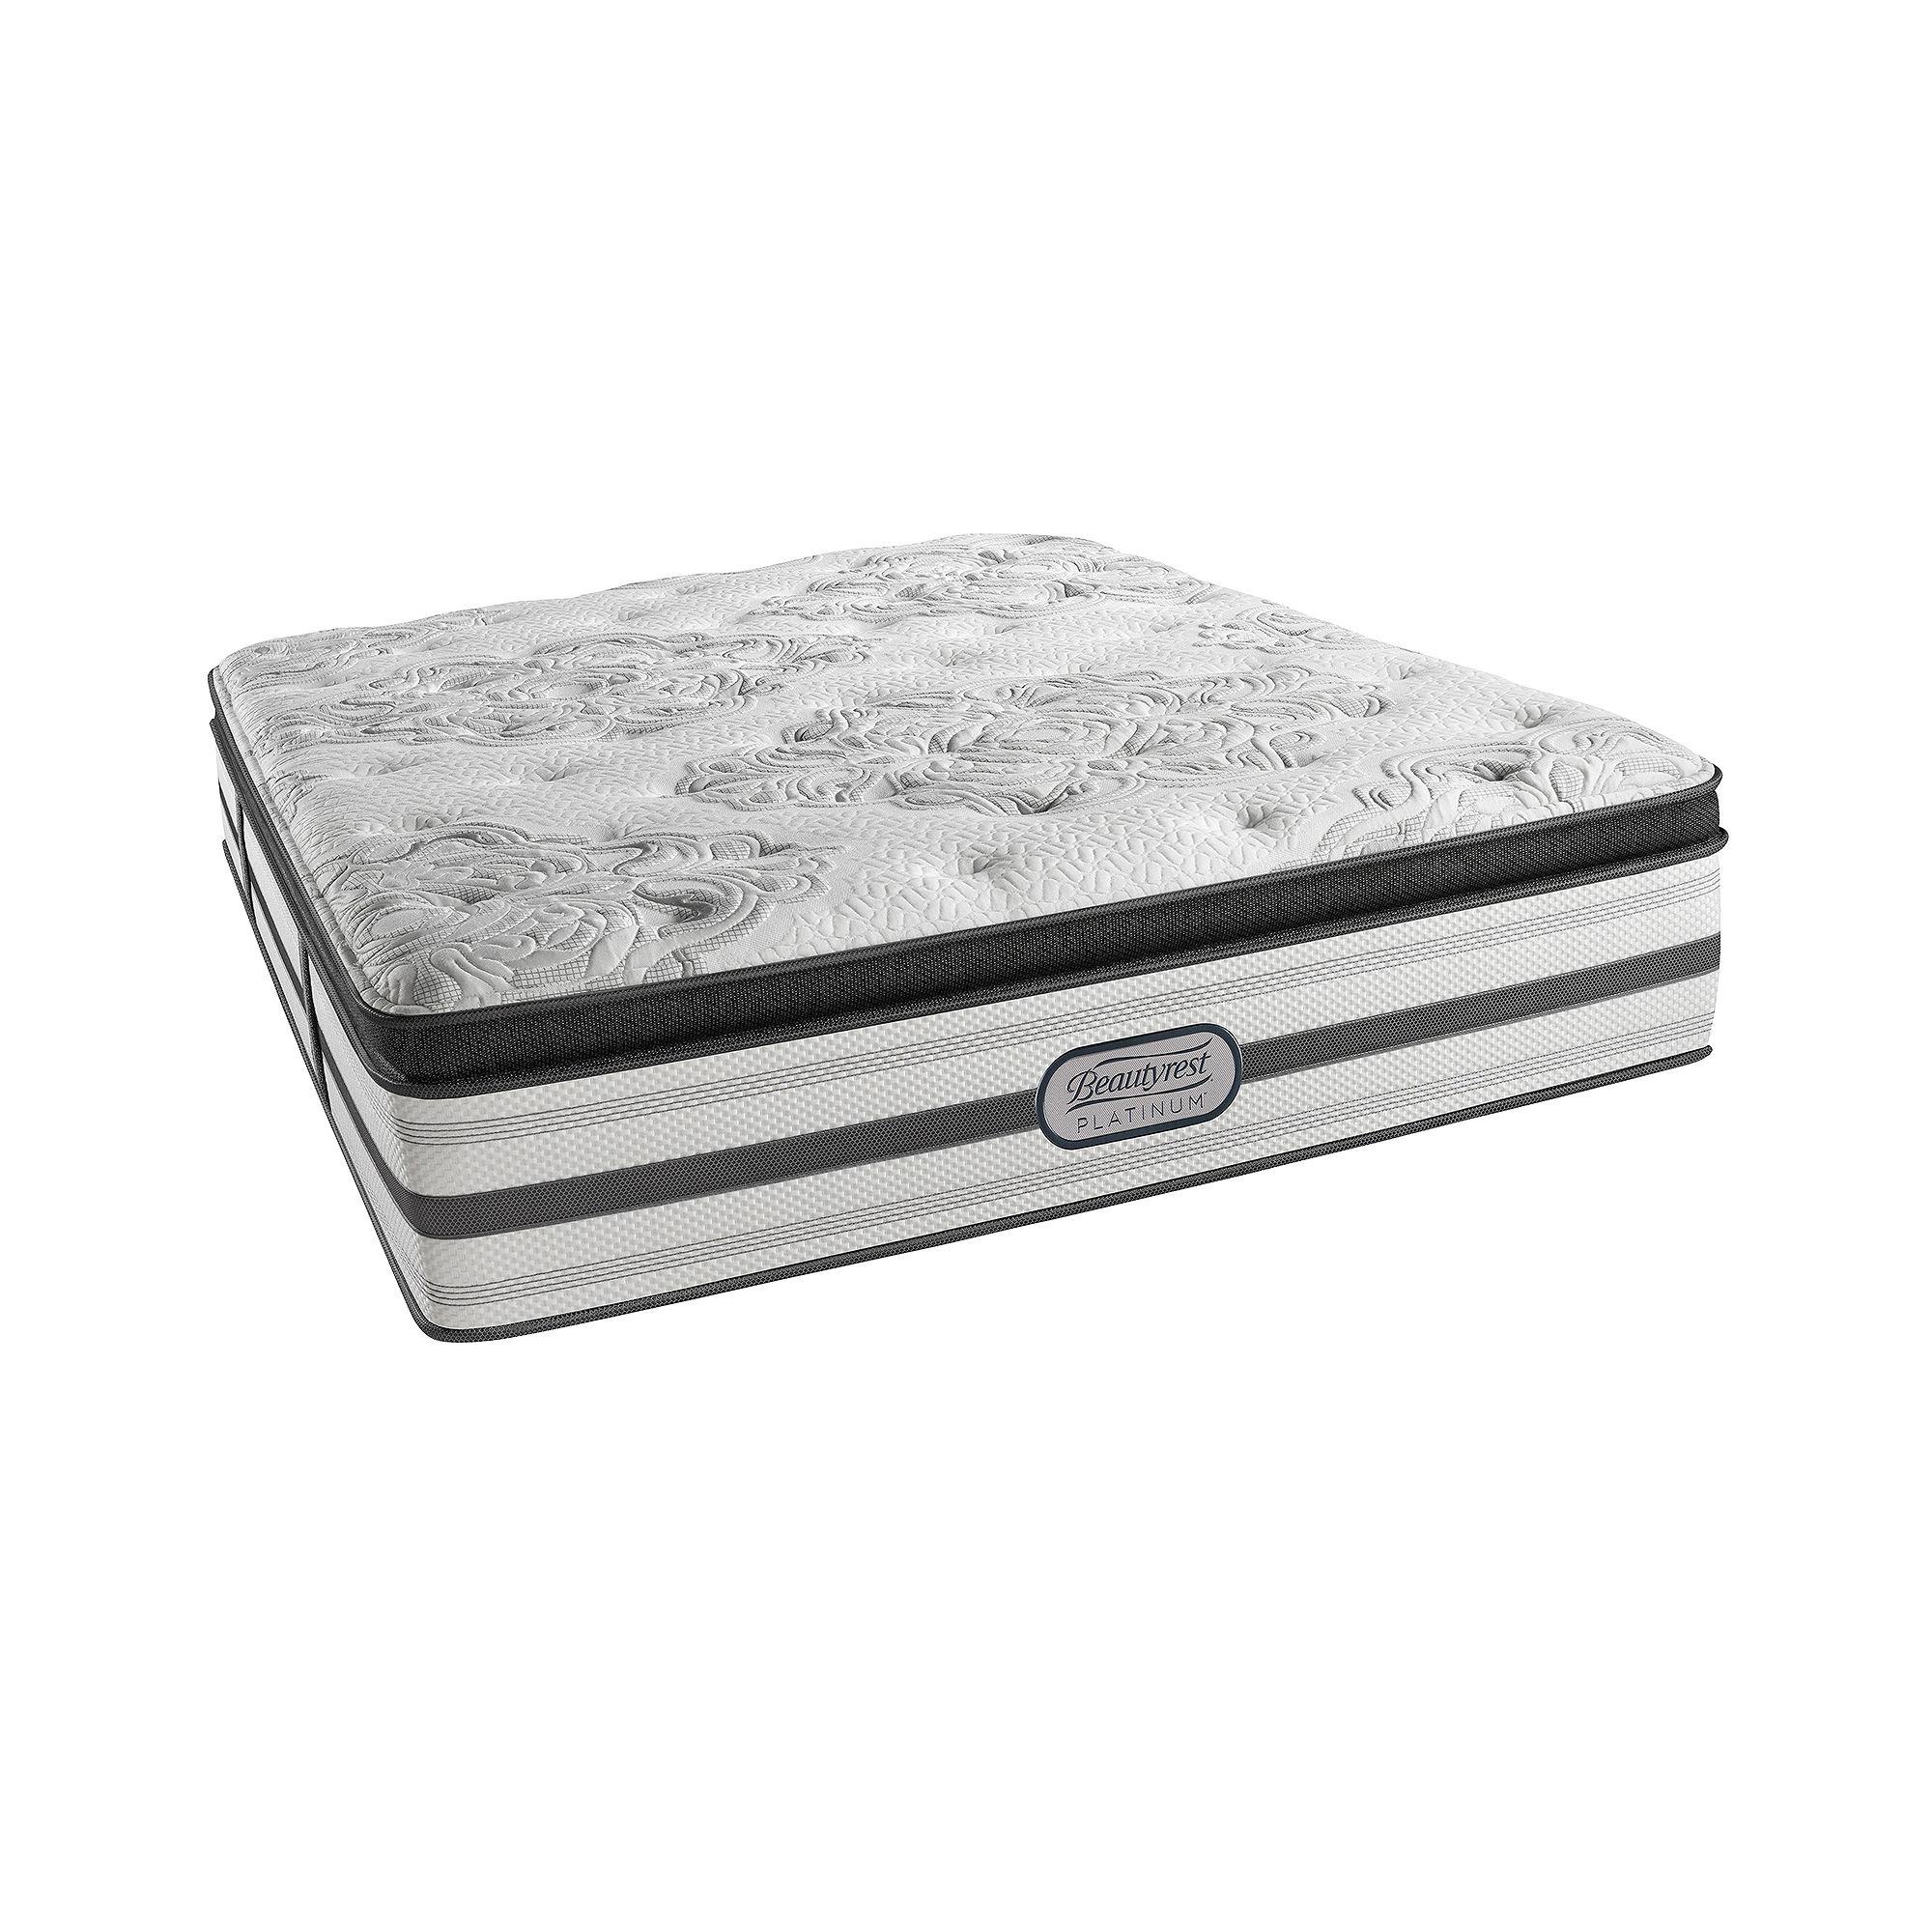 Simmons Beautyrest Platinum McNeil Plush Pillow-Top Mattress